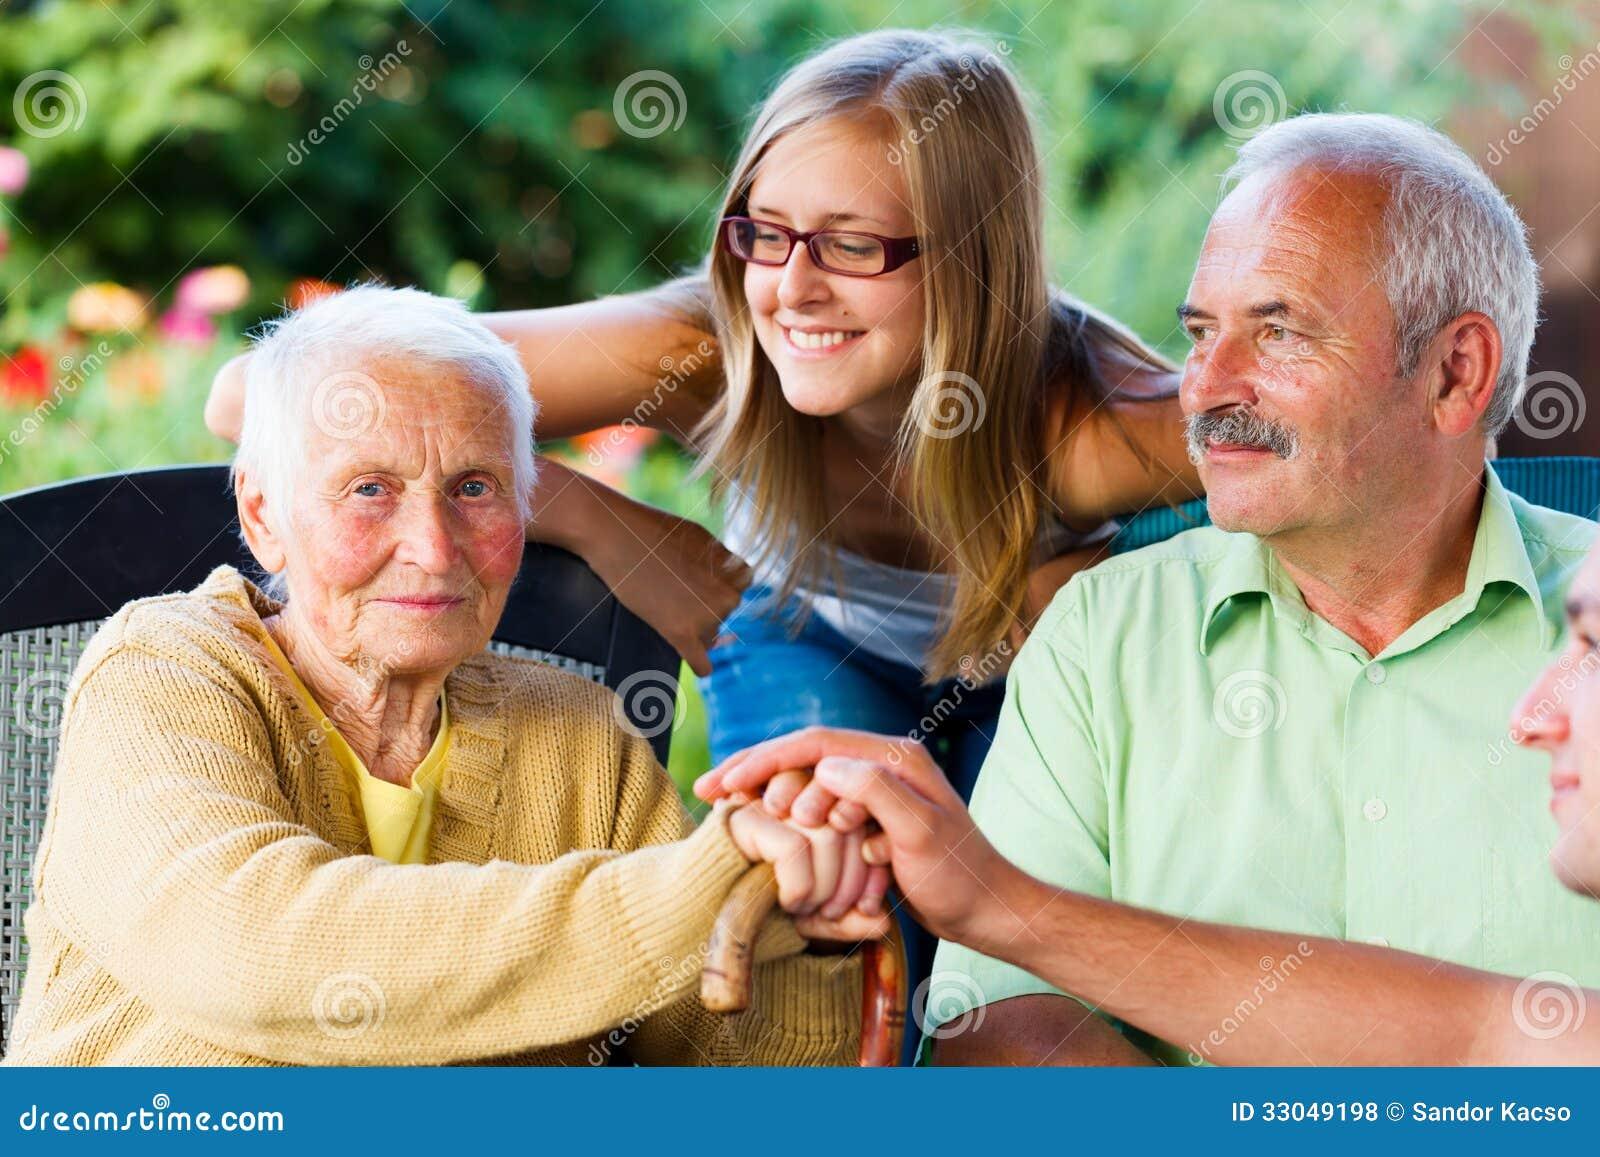 Famille rendant visite à la grand-mère malade dans la maison de repos